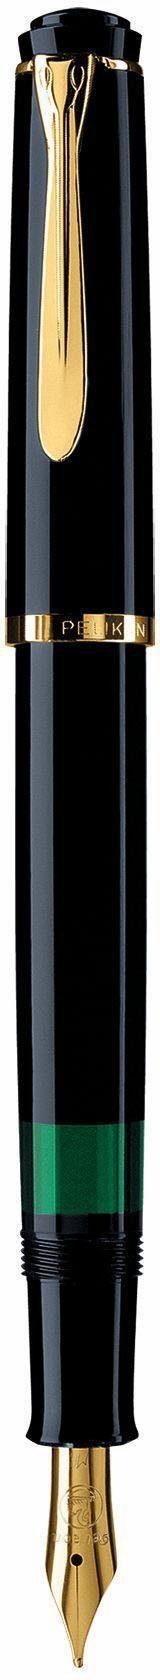 Pelikan Füllhalter, »Classic M 200, Schwarz, vergoldete Edelstahlfeder, Federbreite B«